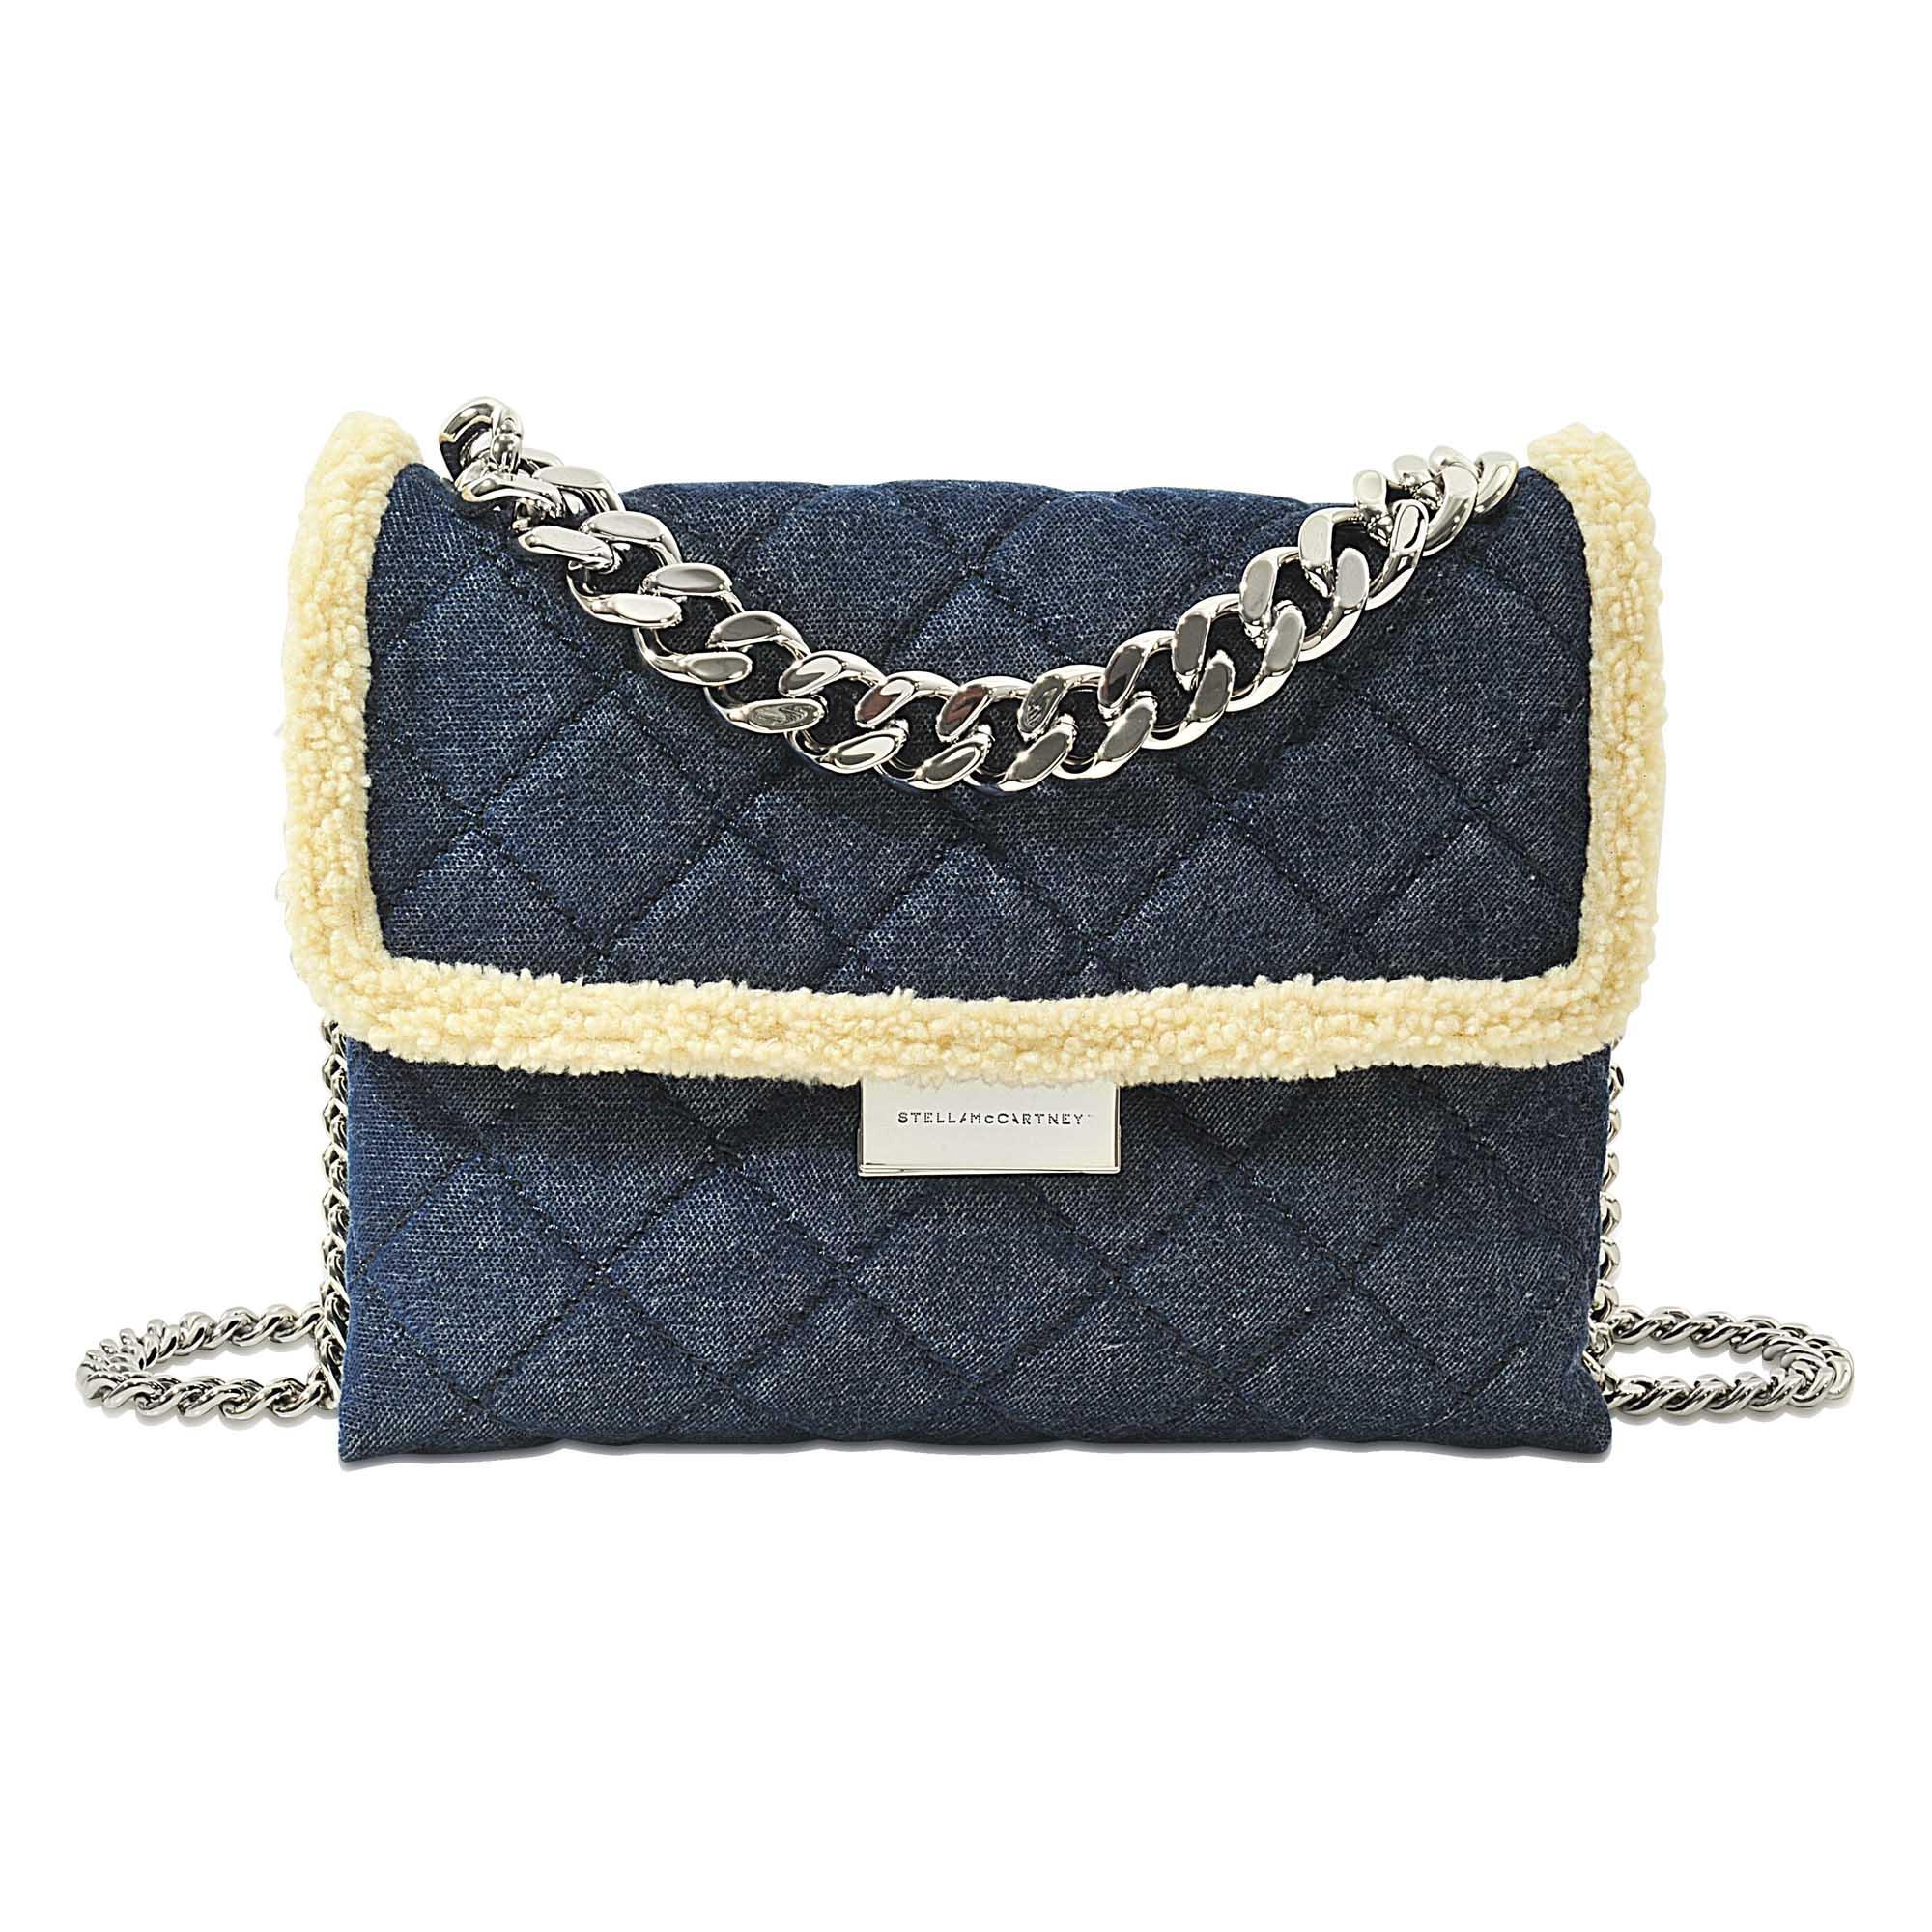 Lyst - Stella Mccartney Soft Beckett Denim Medium Bag b9baed8b8a1ce